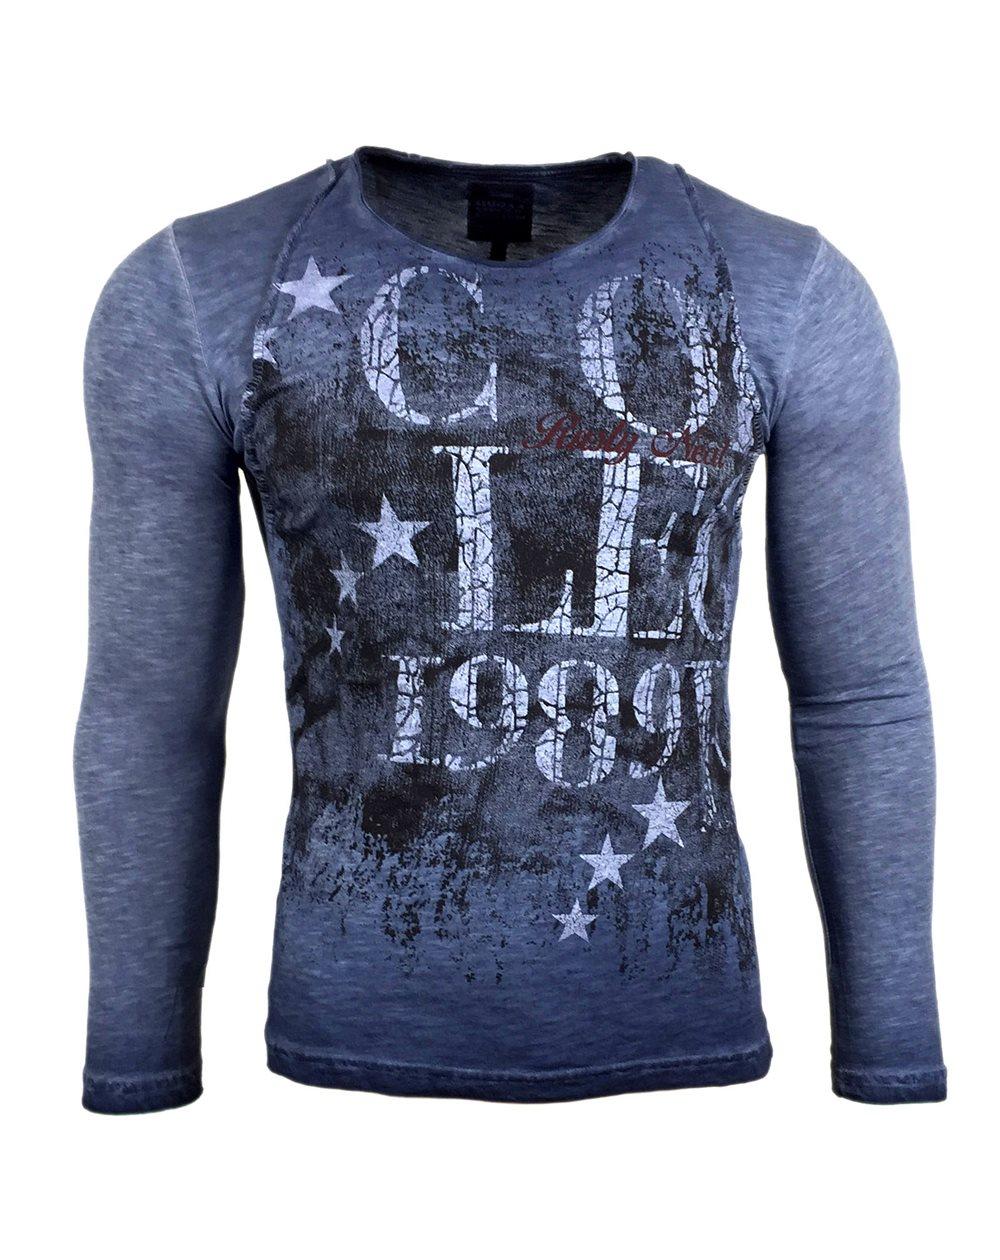 Subliminal Mode - Tee shirt delaver homme manches longues col arrondi SB10108